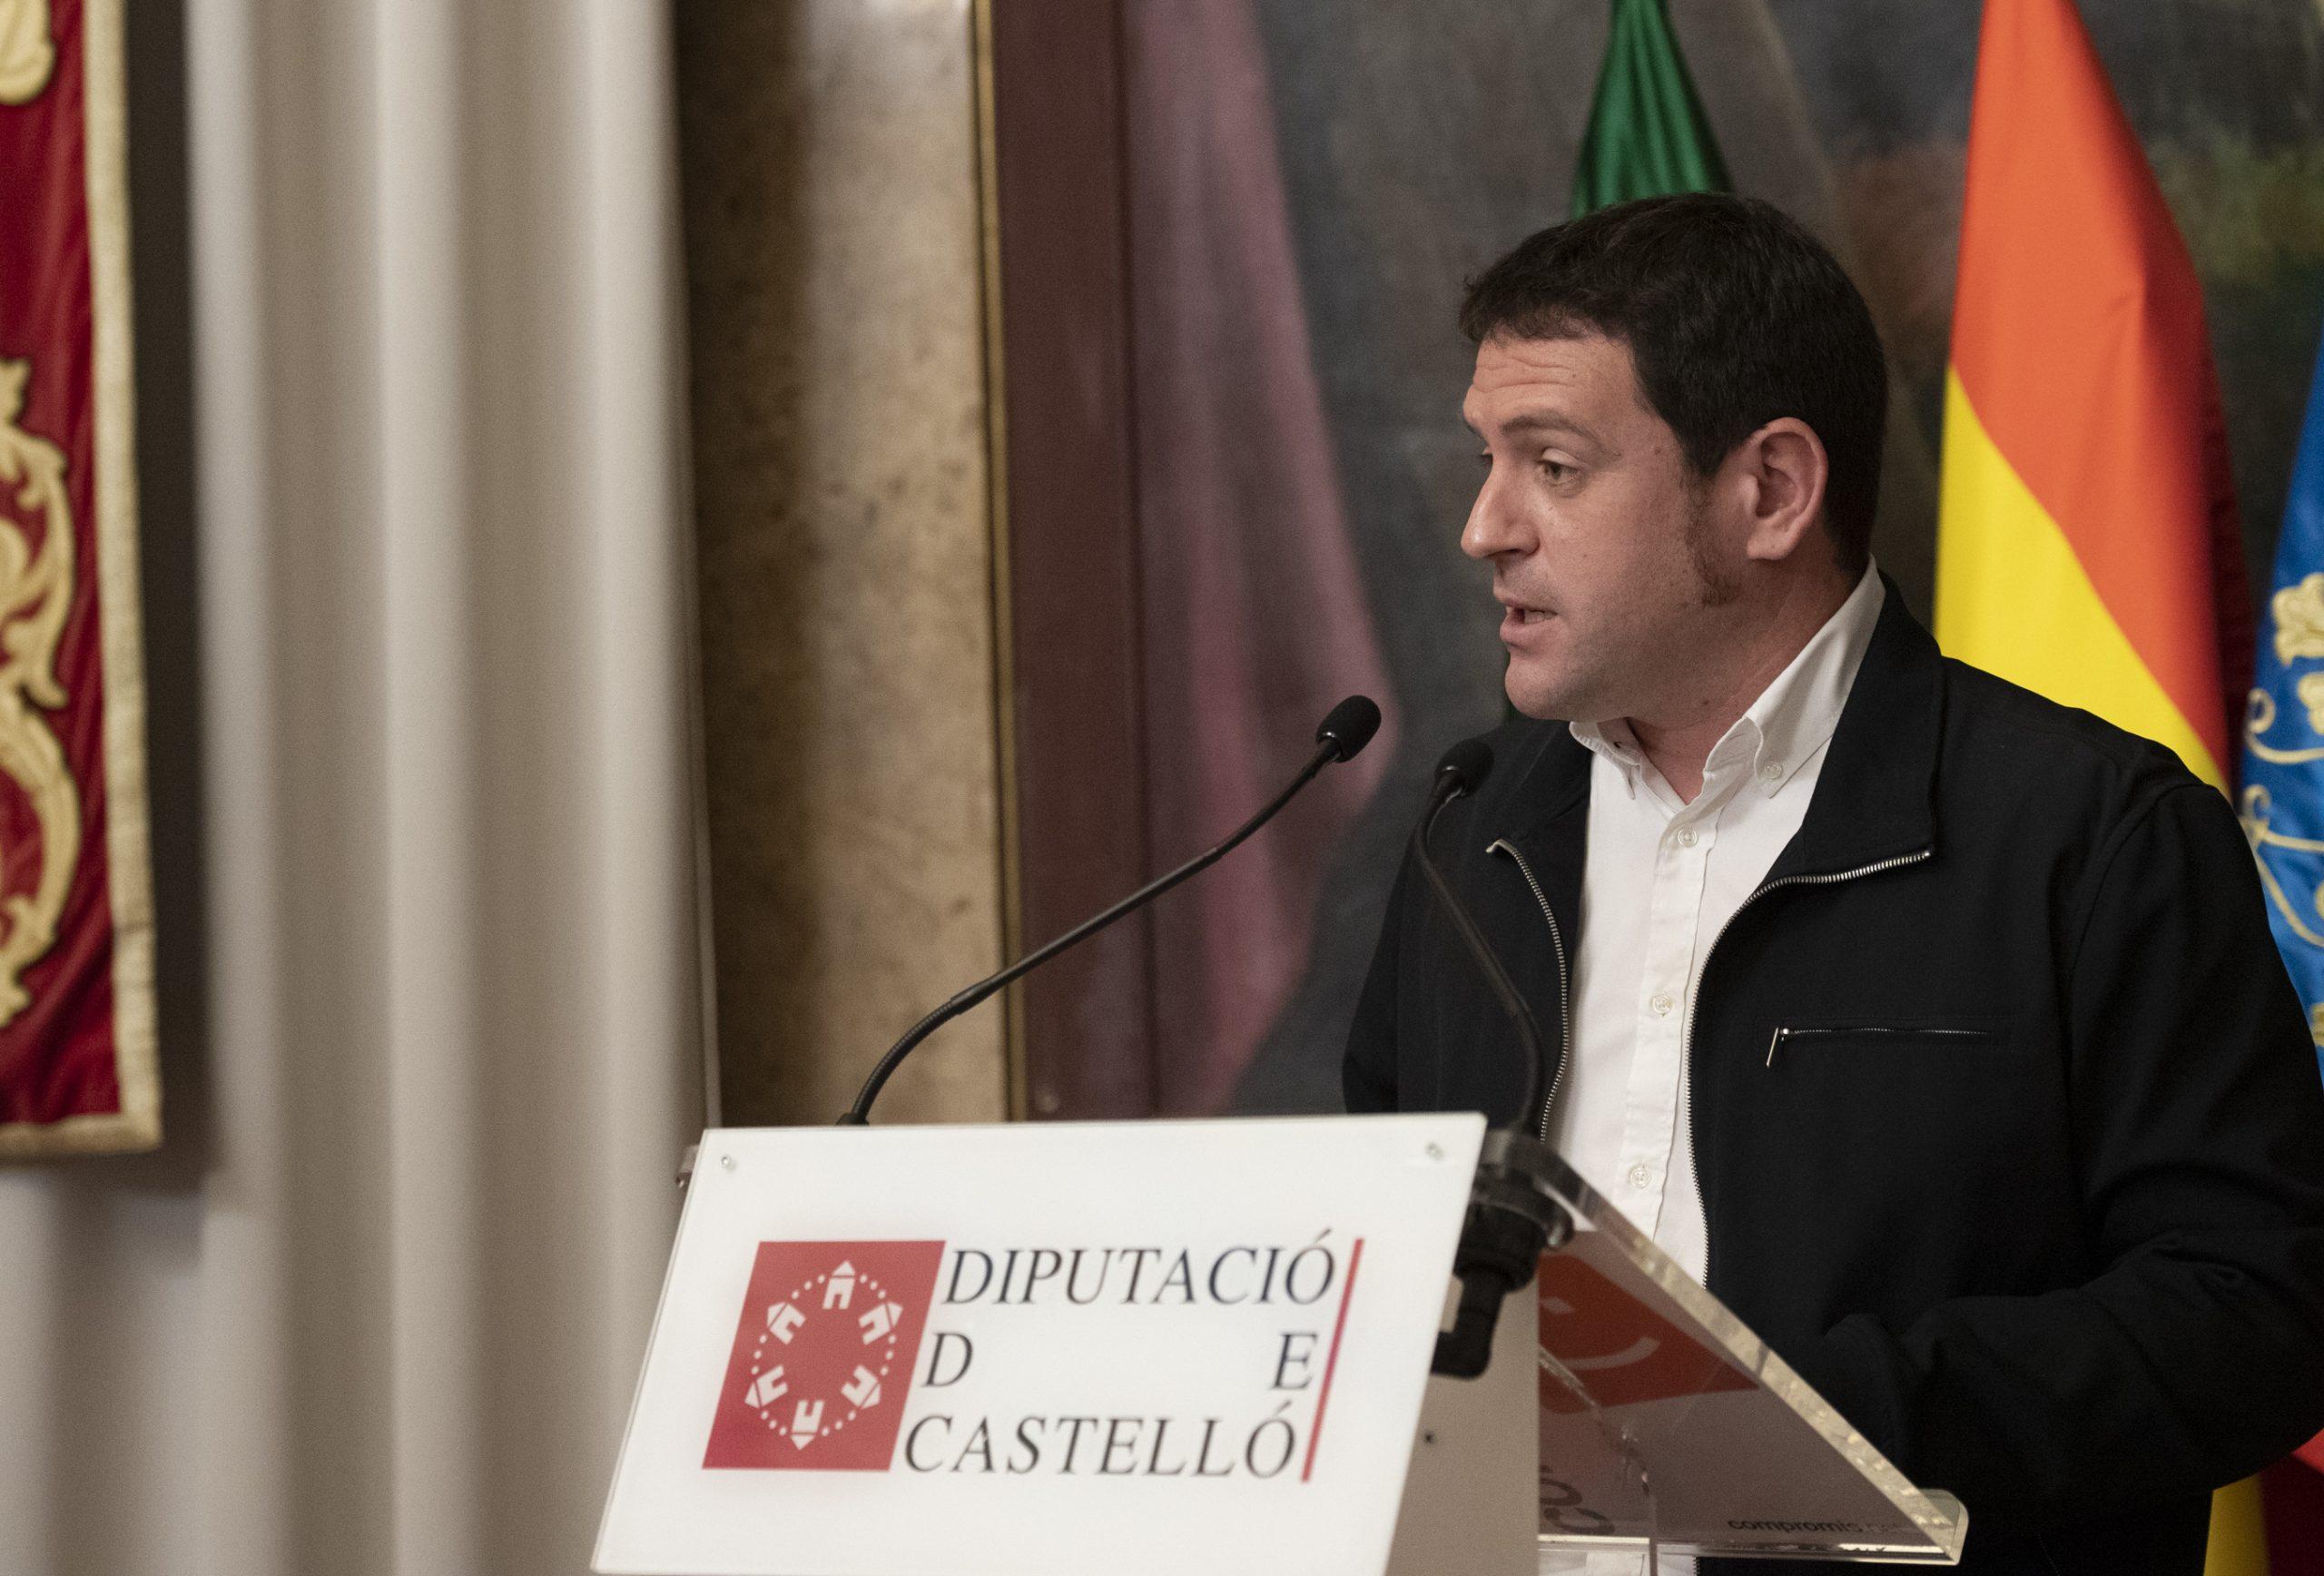 La Diputación de Castellón incorpora 950.000 euros en infraestructuras sostenibles en el plan estratégico de subvenciones